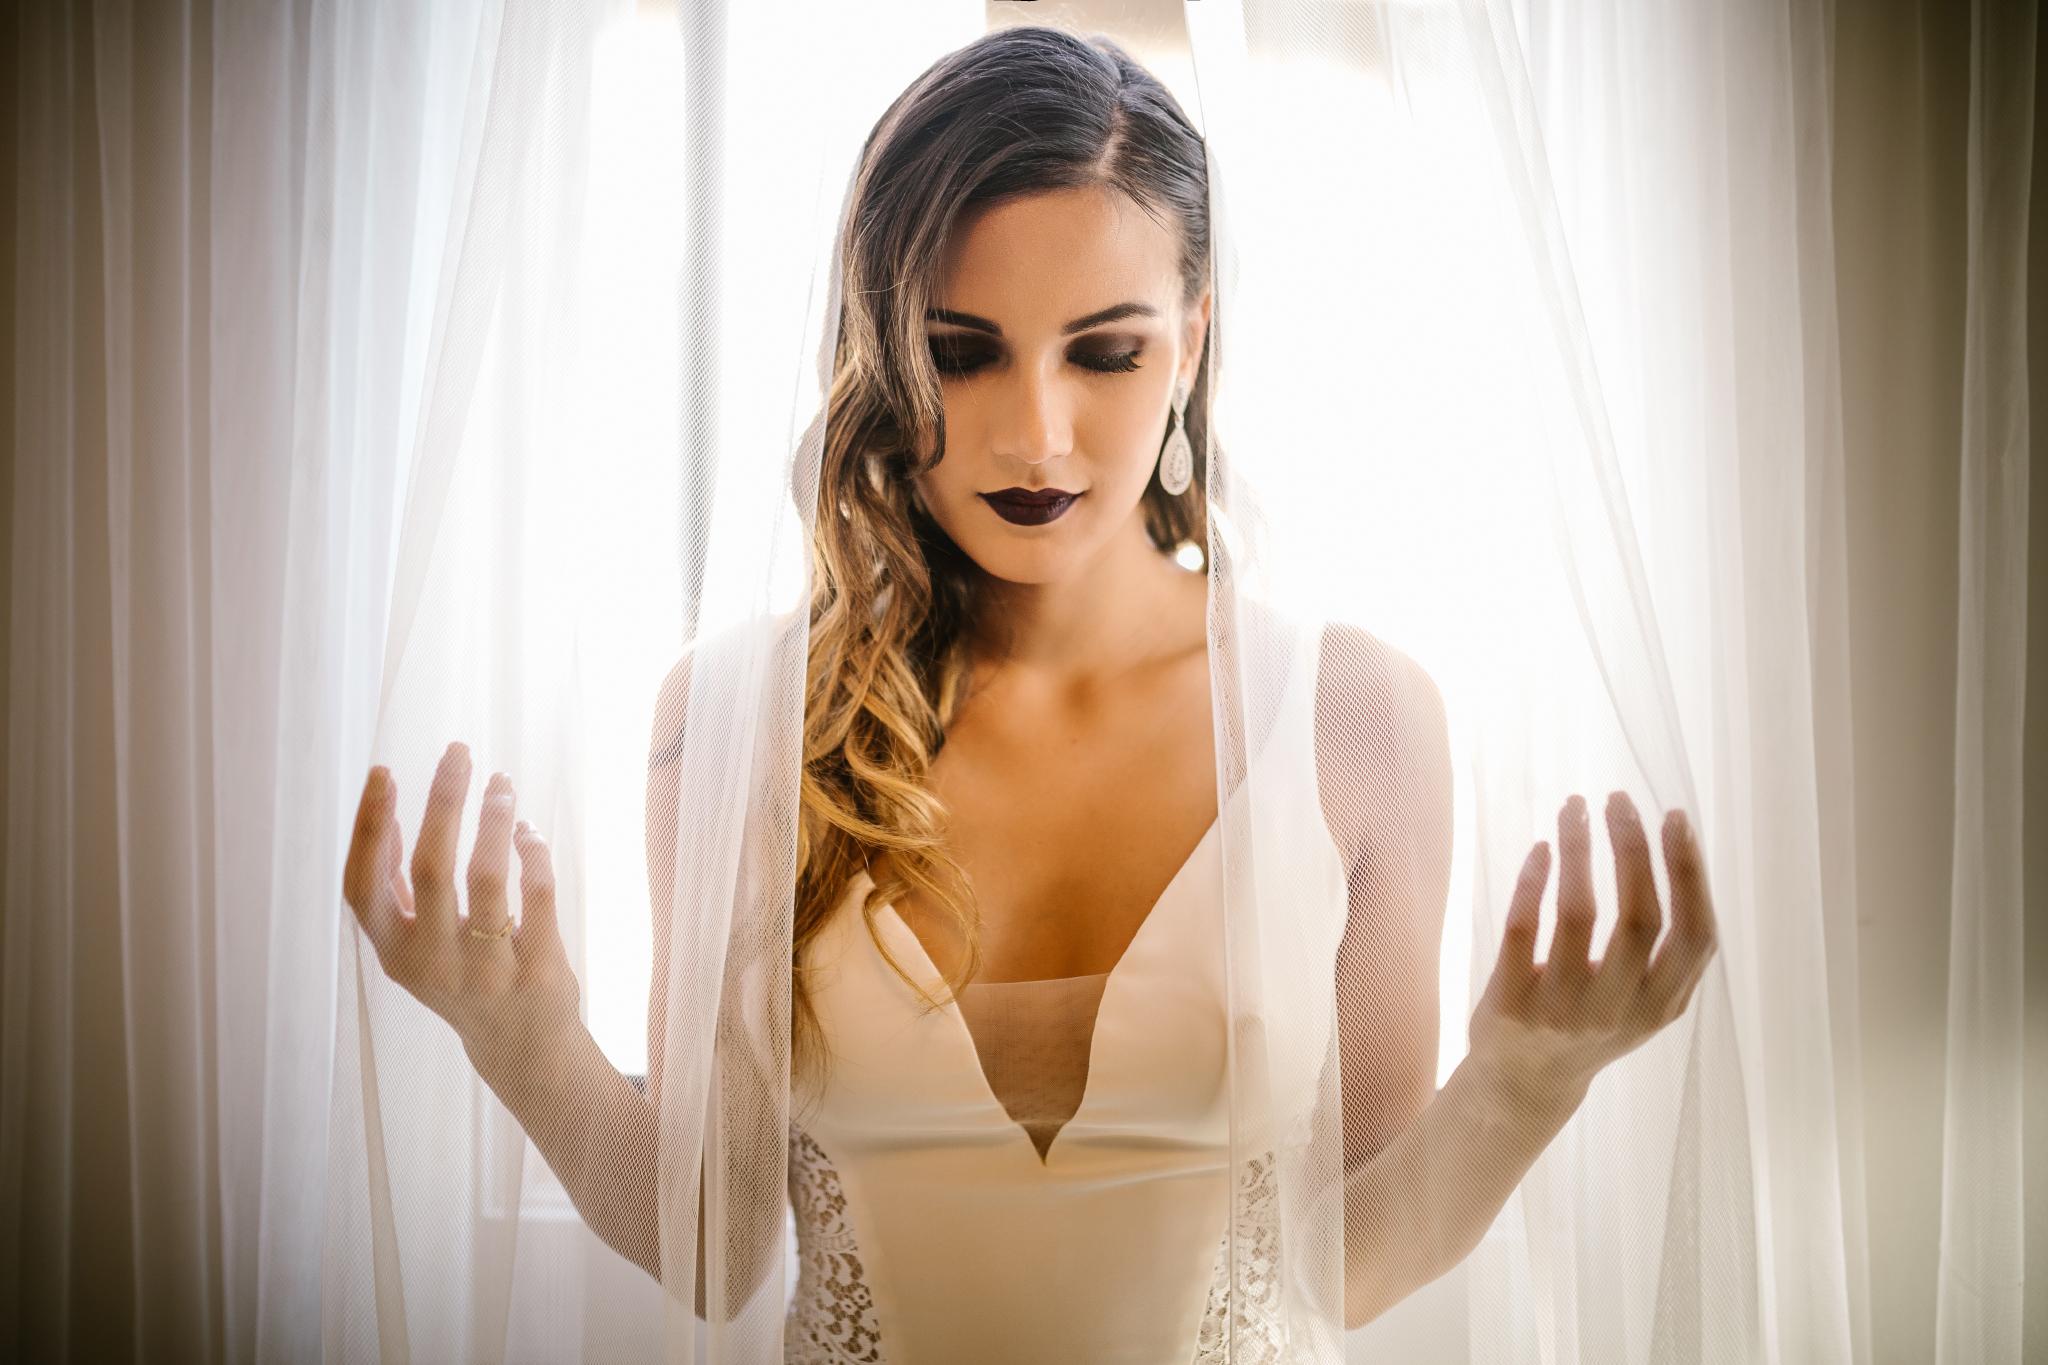 san diego wedding   photographer   woman in dark lipstick behind curtains